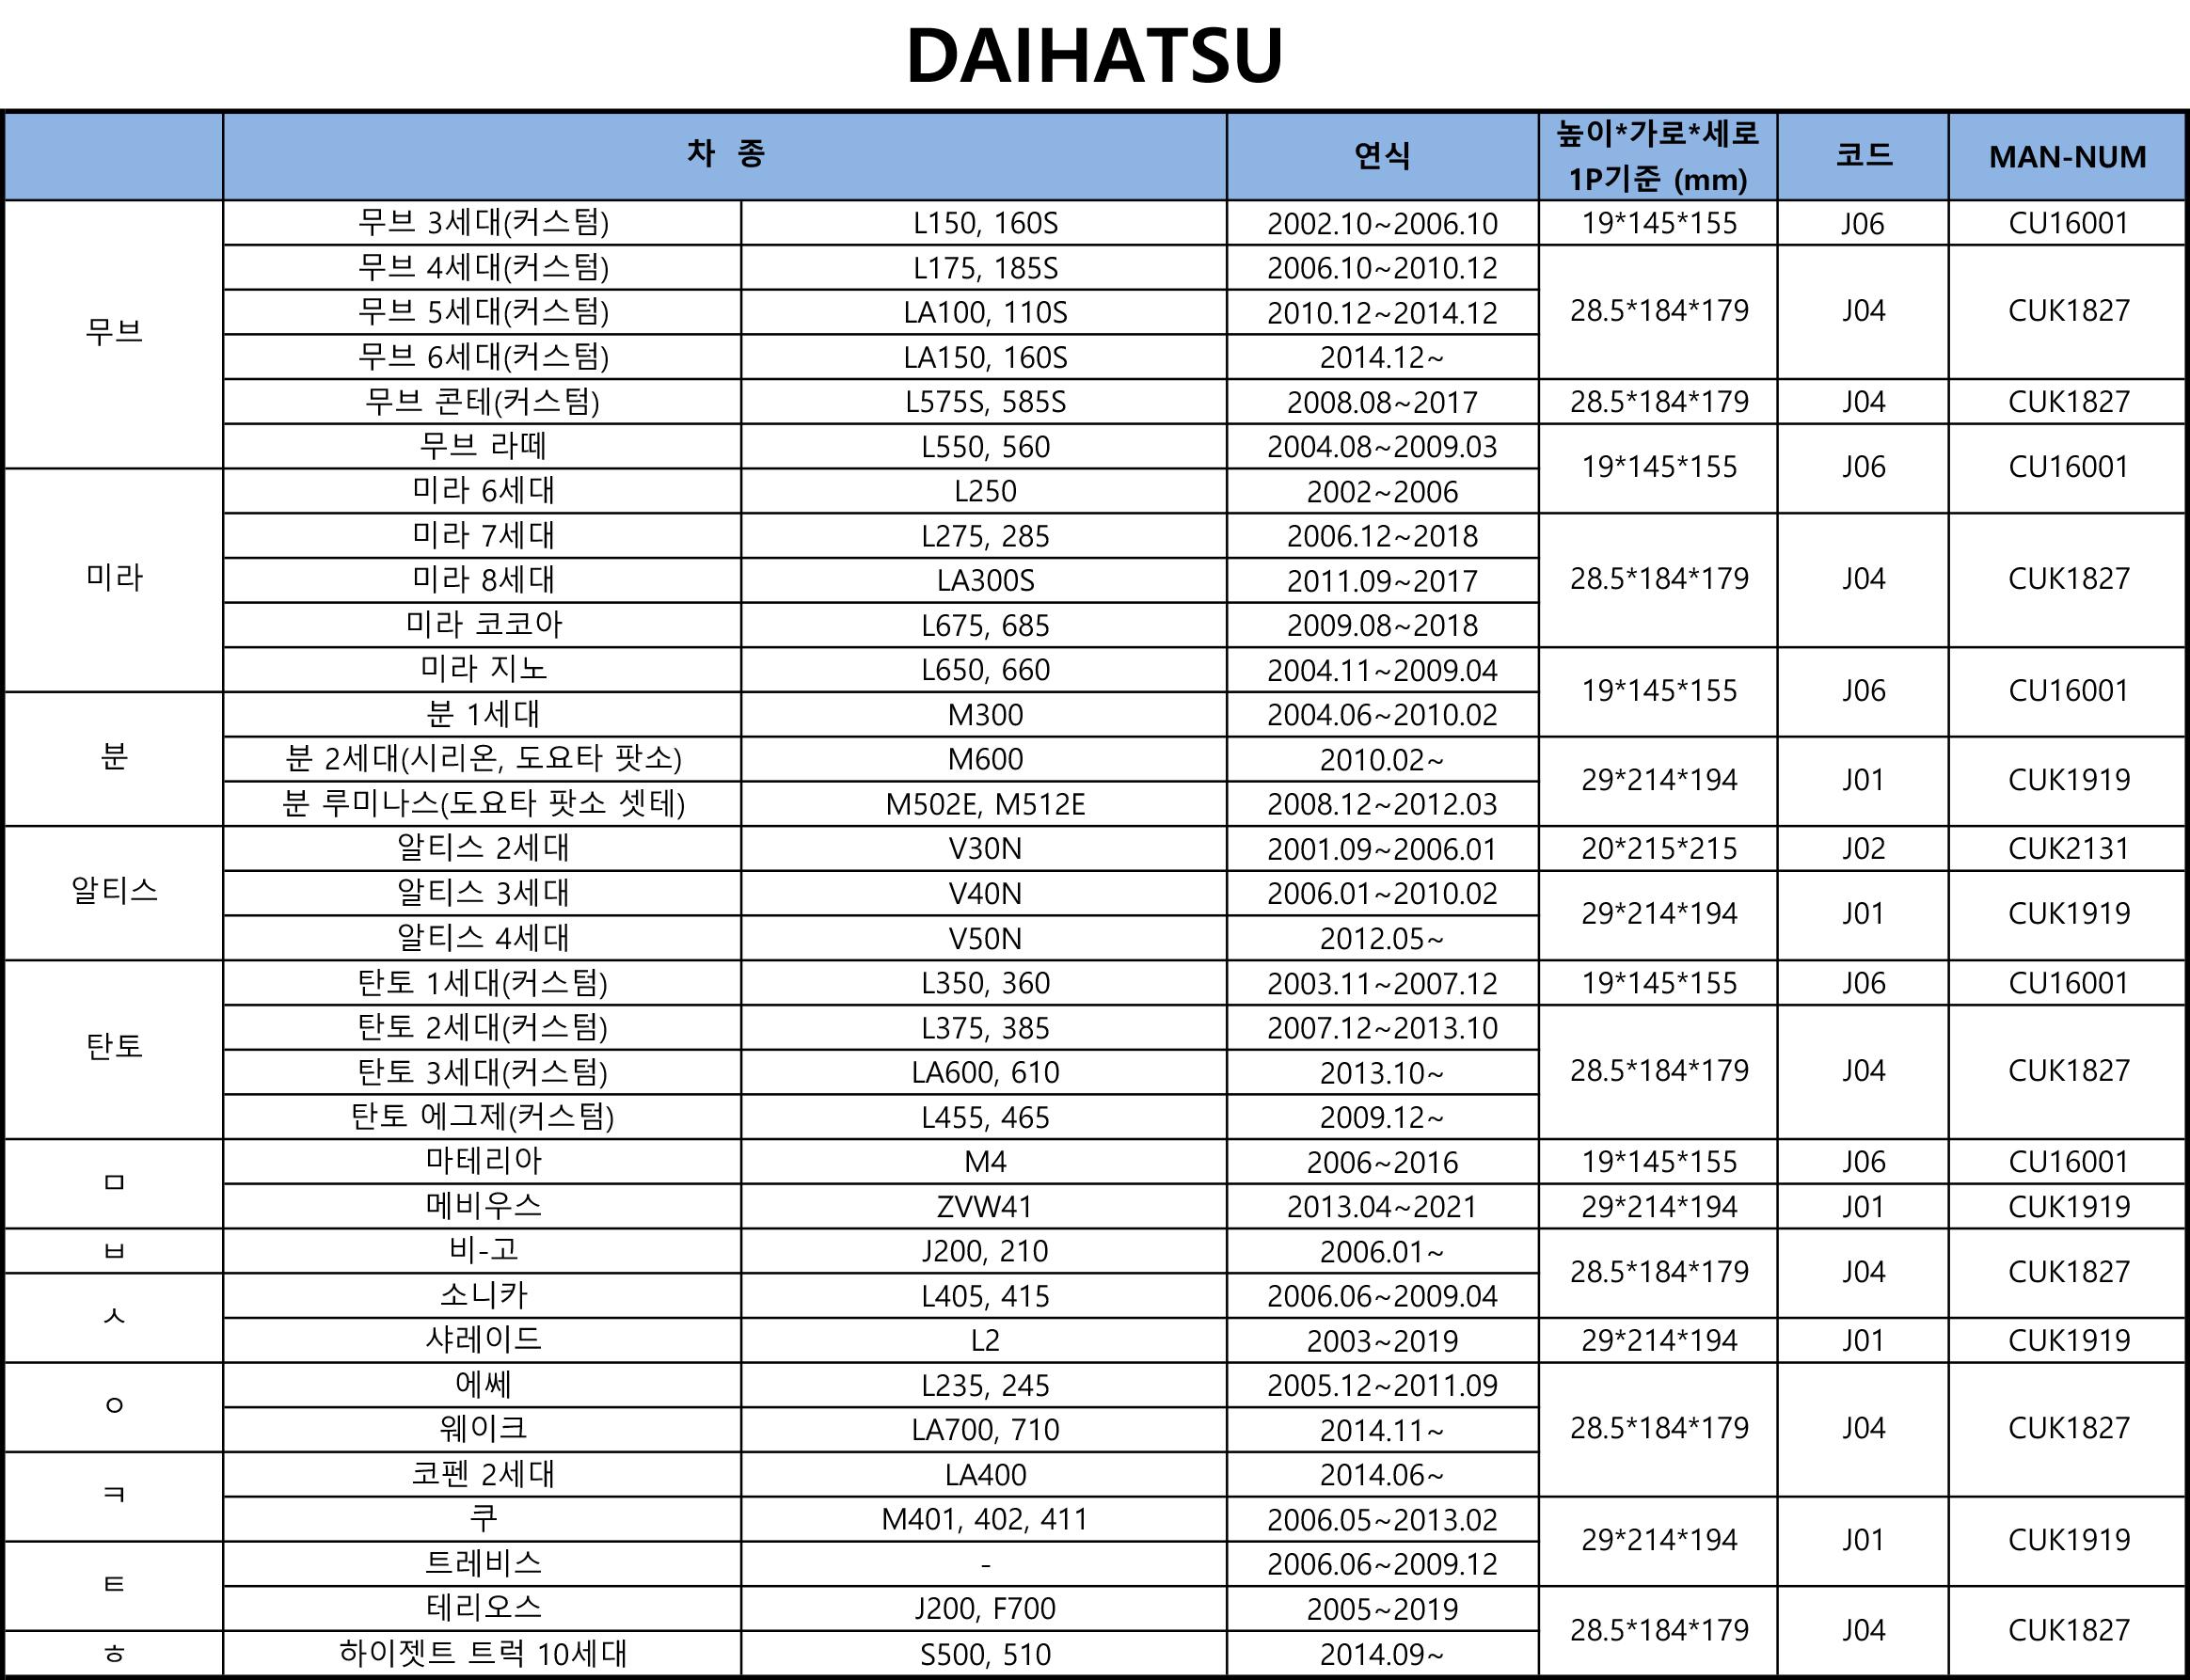 15-DAIHATSU.png